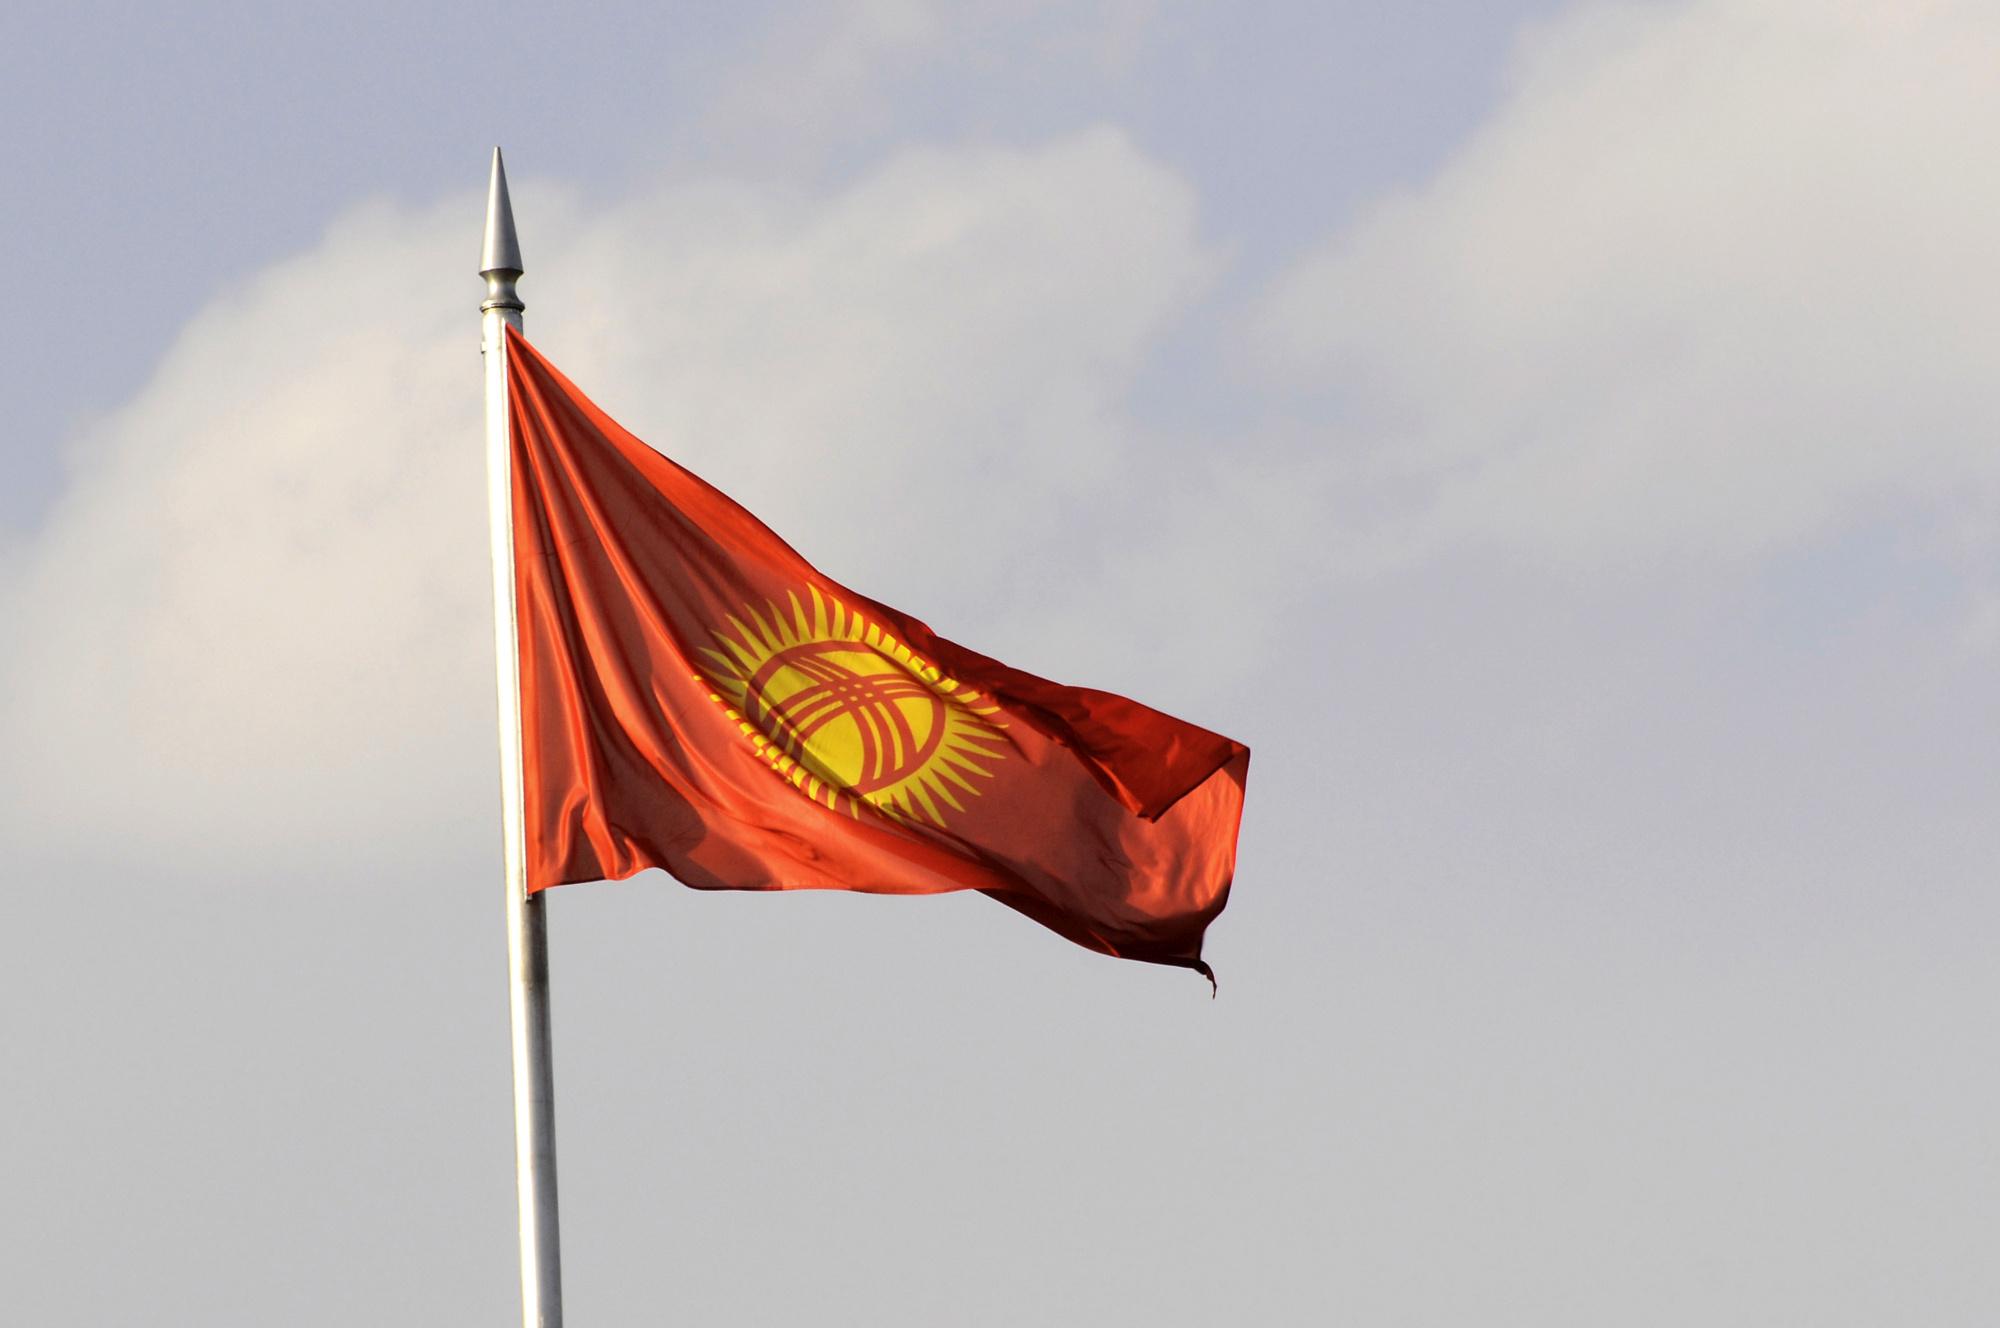 флаг кыргызстана фото того, как